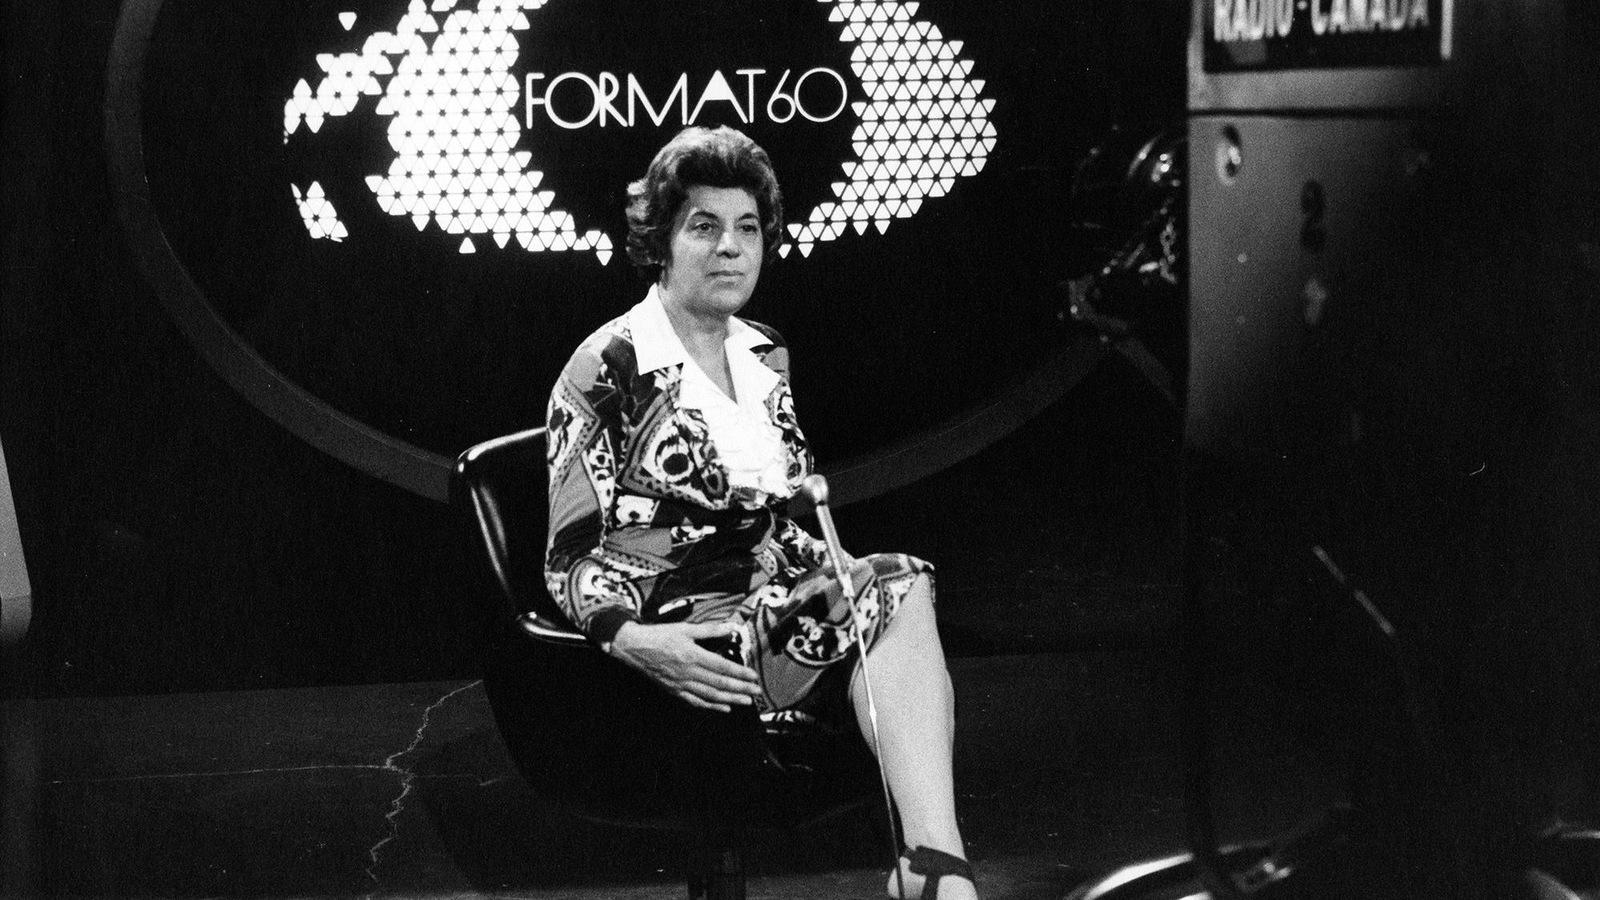 Photo en noir et blanc d'une femme assise sur le plateau d'une émission de télévision intitulé Format 60 et qui regarde une caméra de télévision.